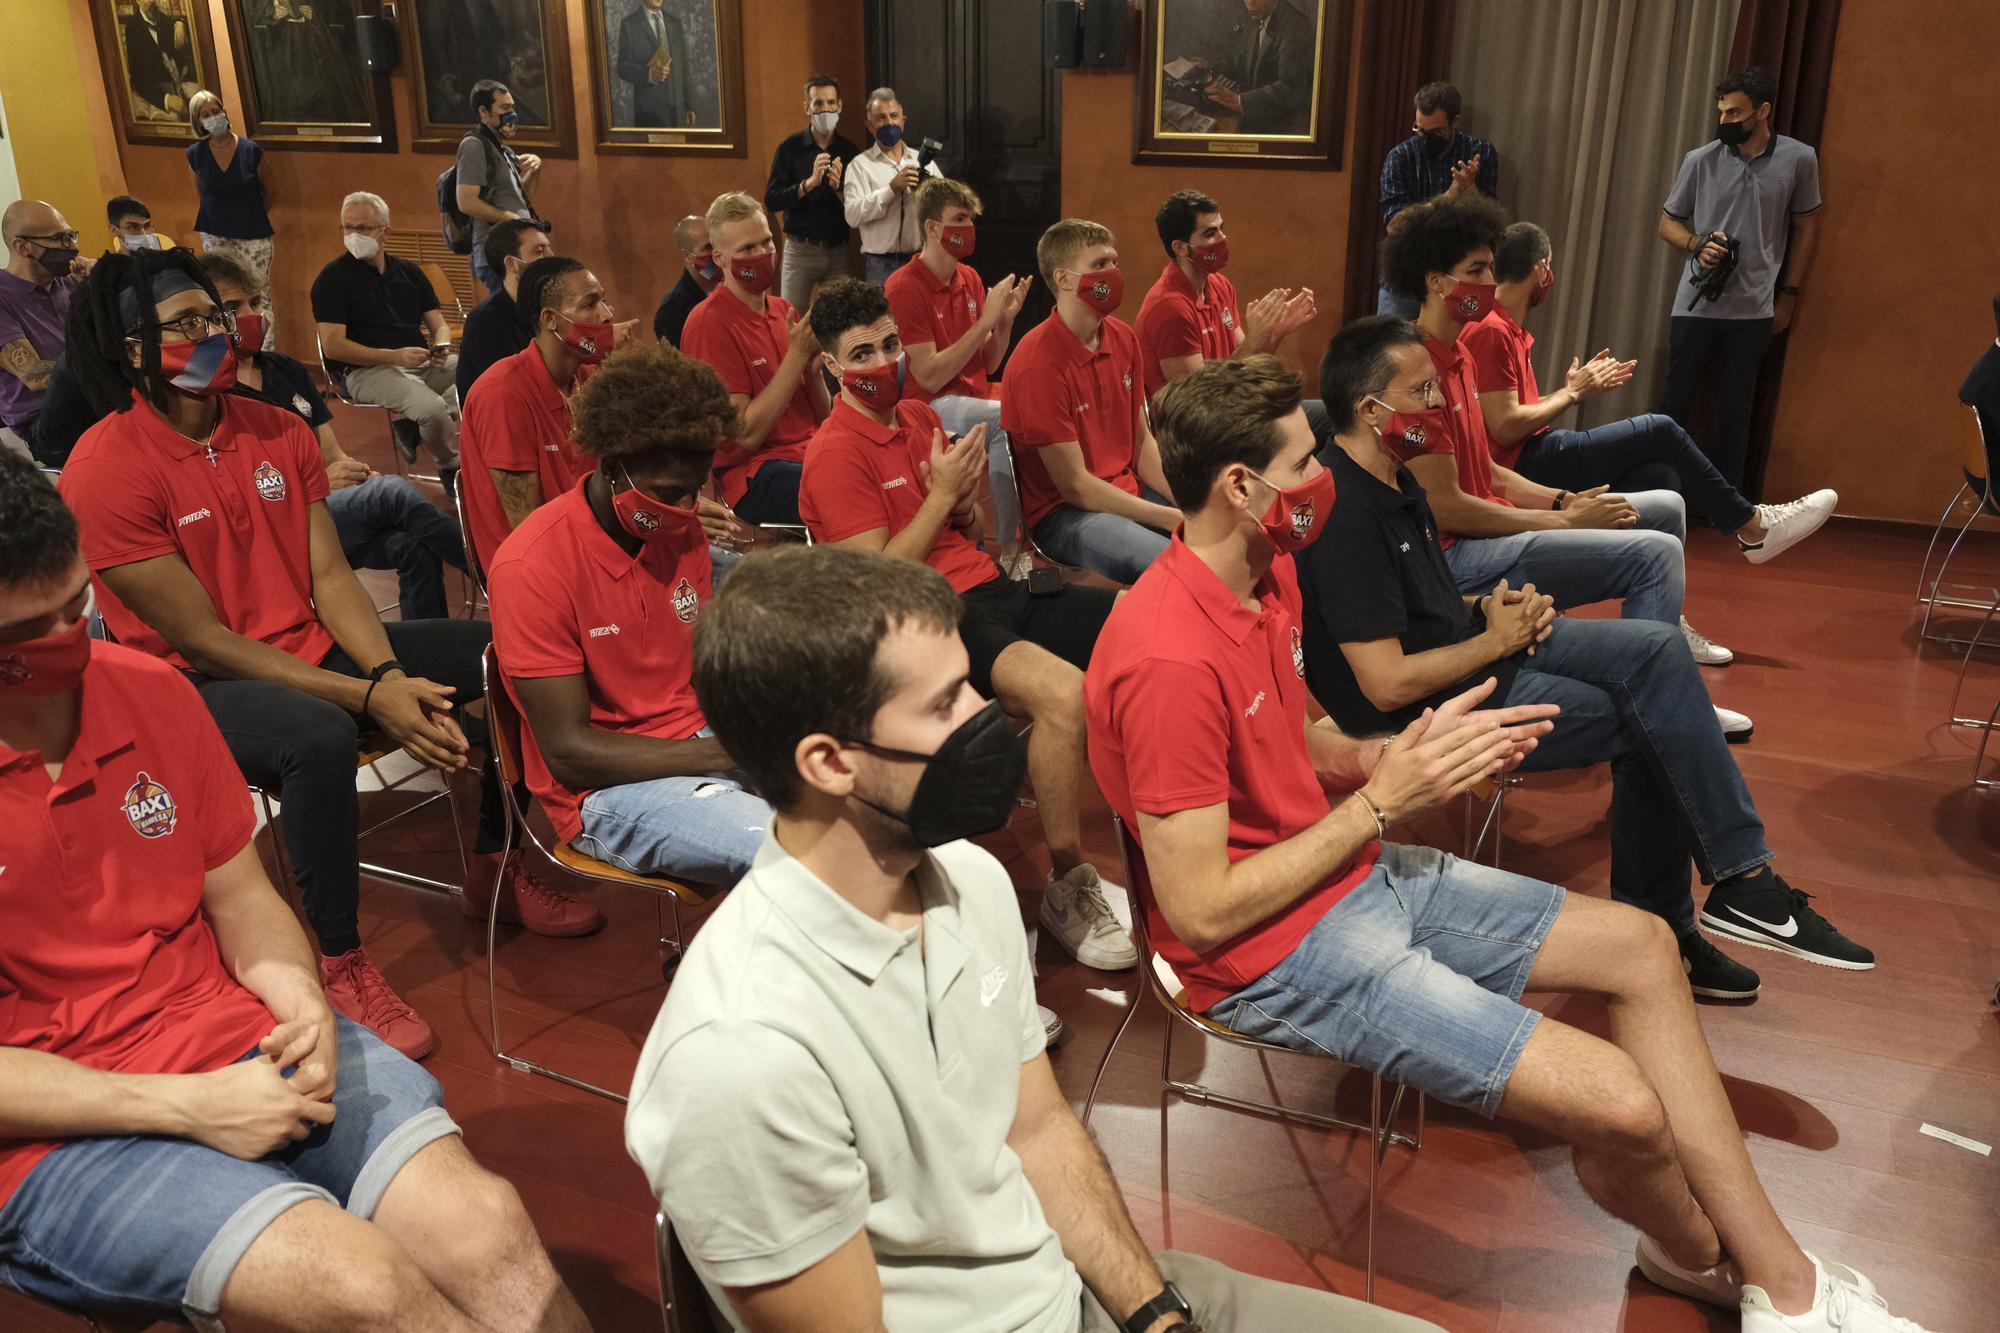 L'Ajuntament rep el Baxi després de guanyar la Lliga Catalana